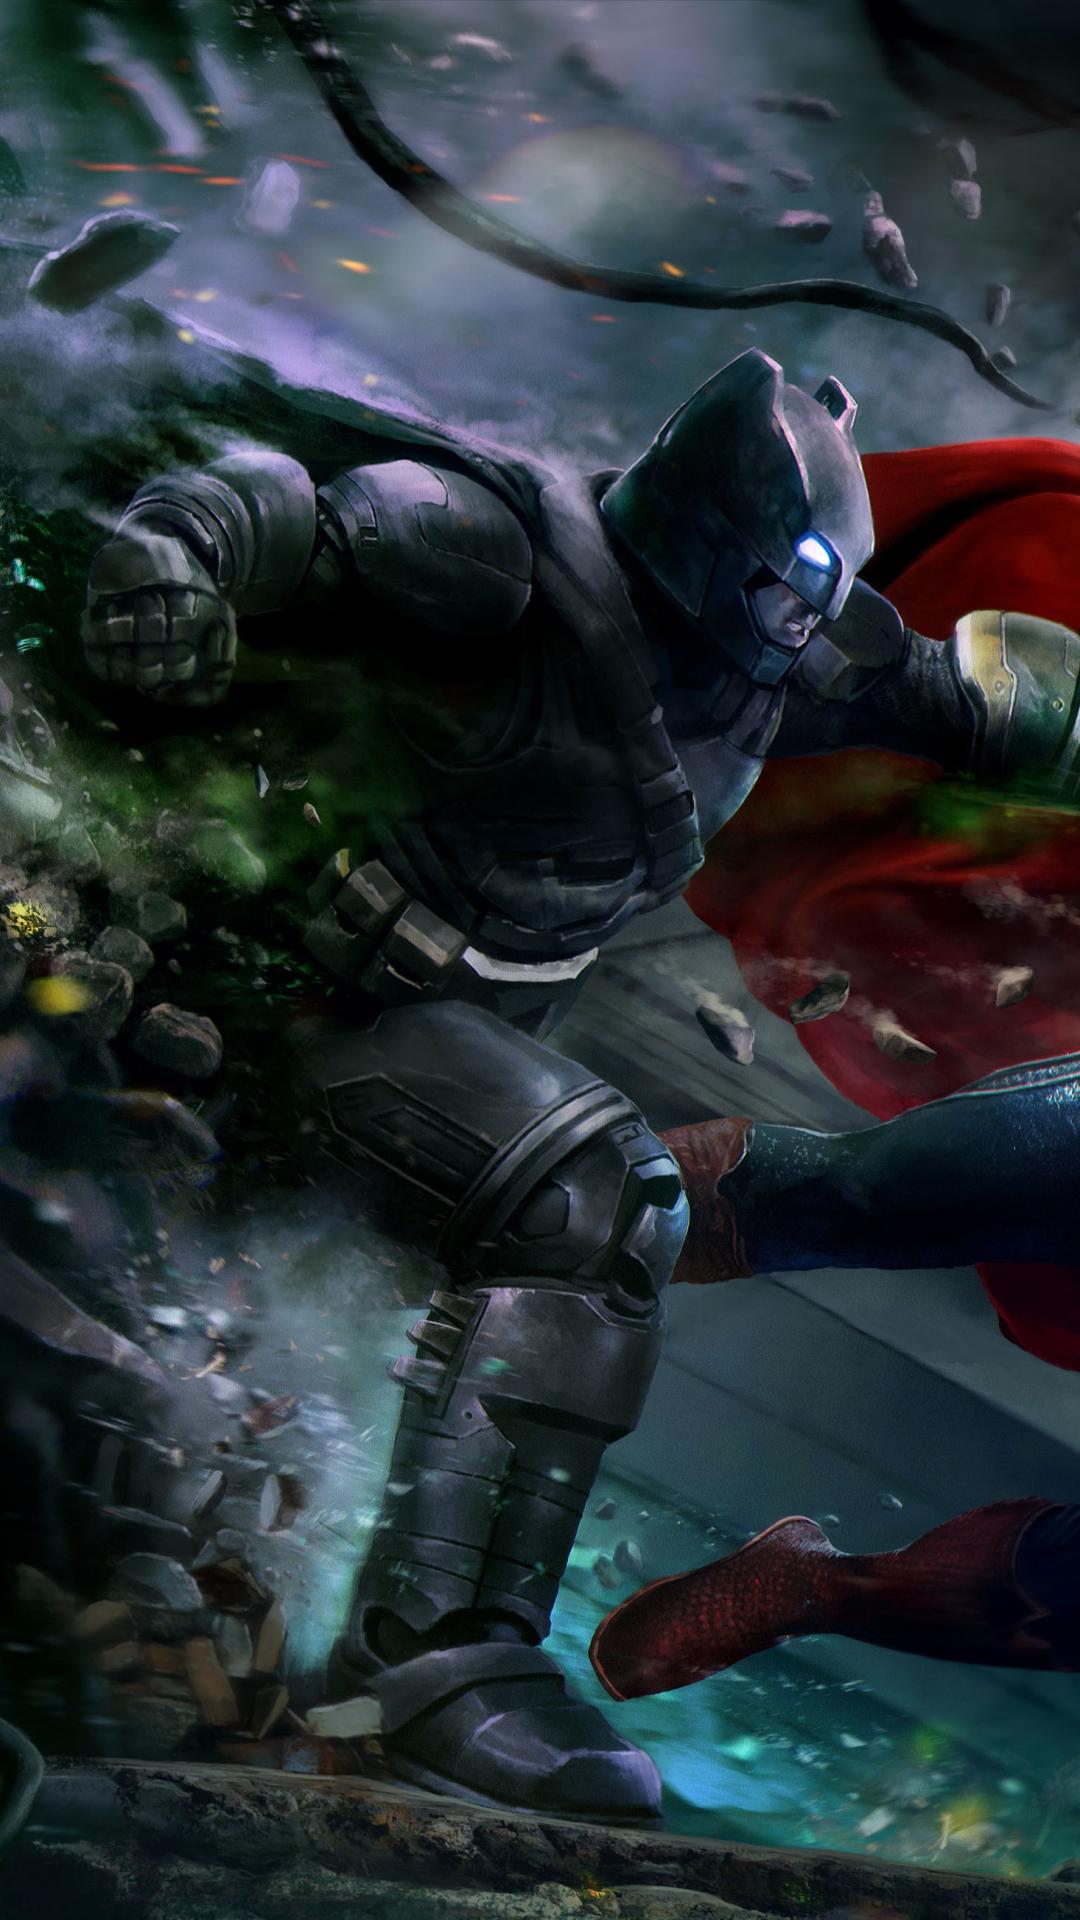 Batman Vs Superman Wallpaper Fight - HD Wallpaper